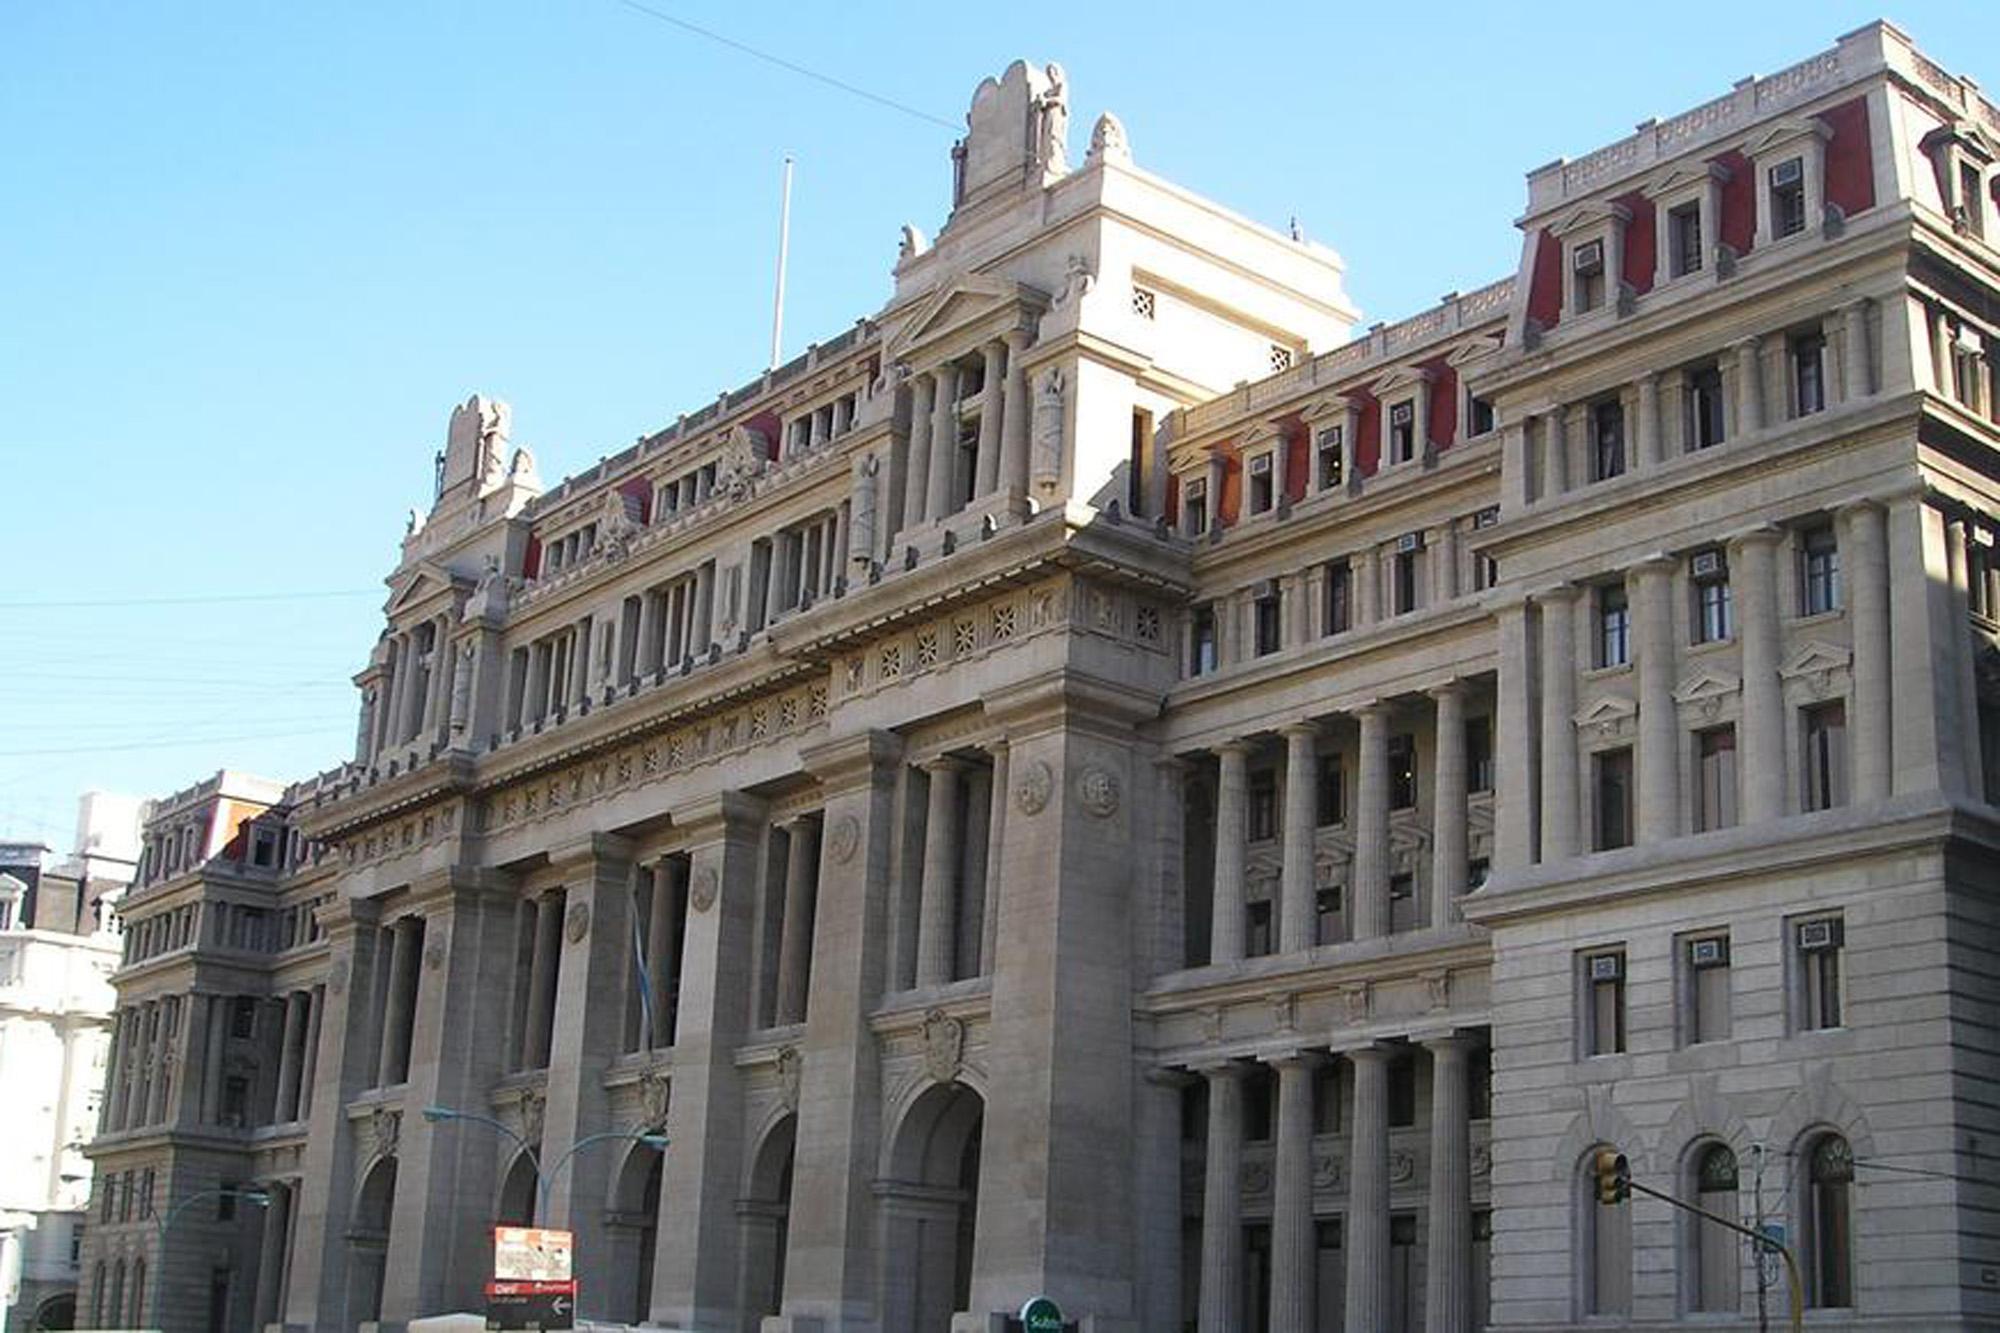 Ganancias y reajuste de haberes: cuál será el impacto para los jubilados de los temas que tratará la Corte Suprema